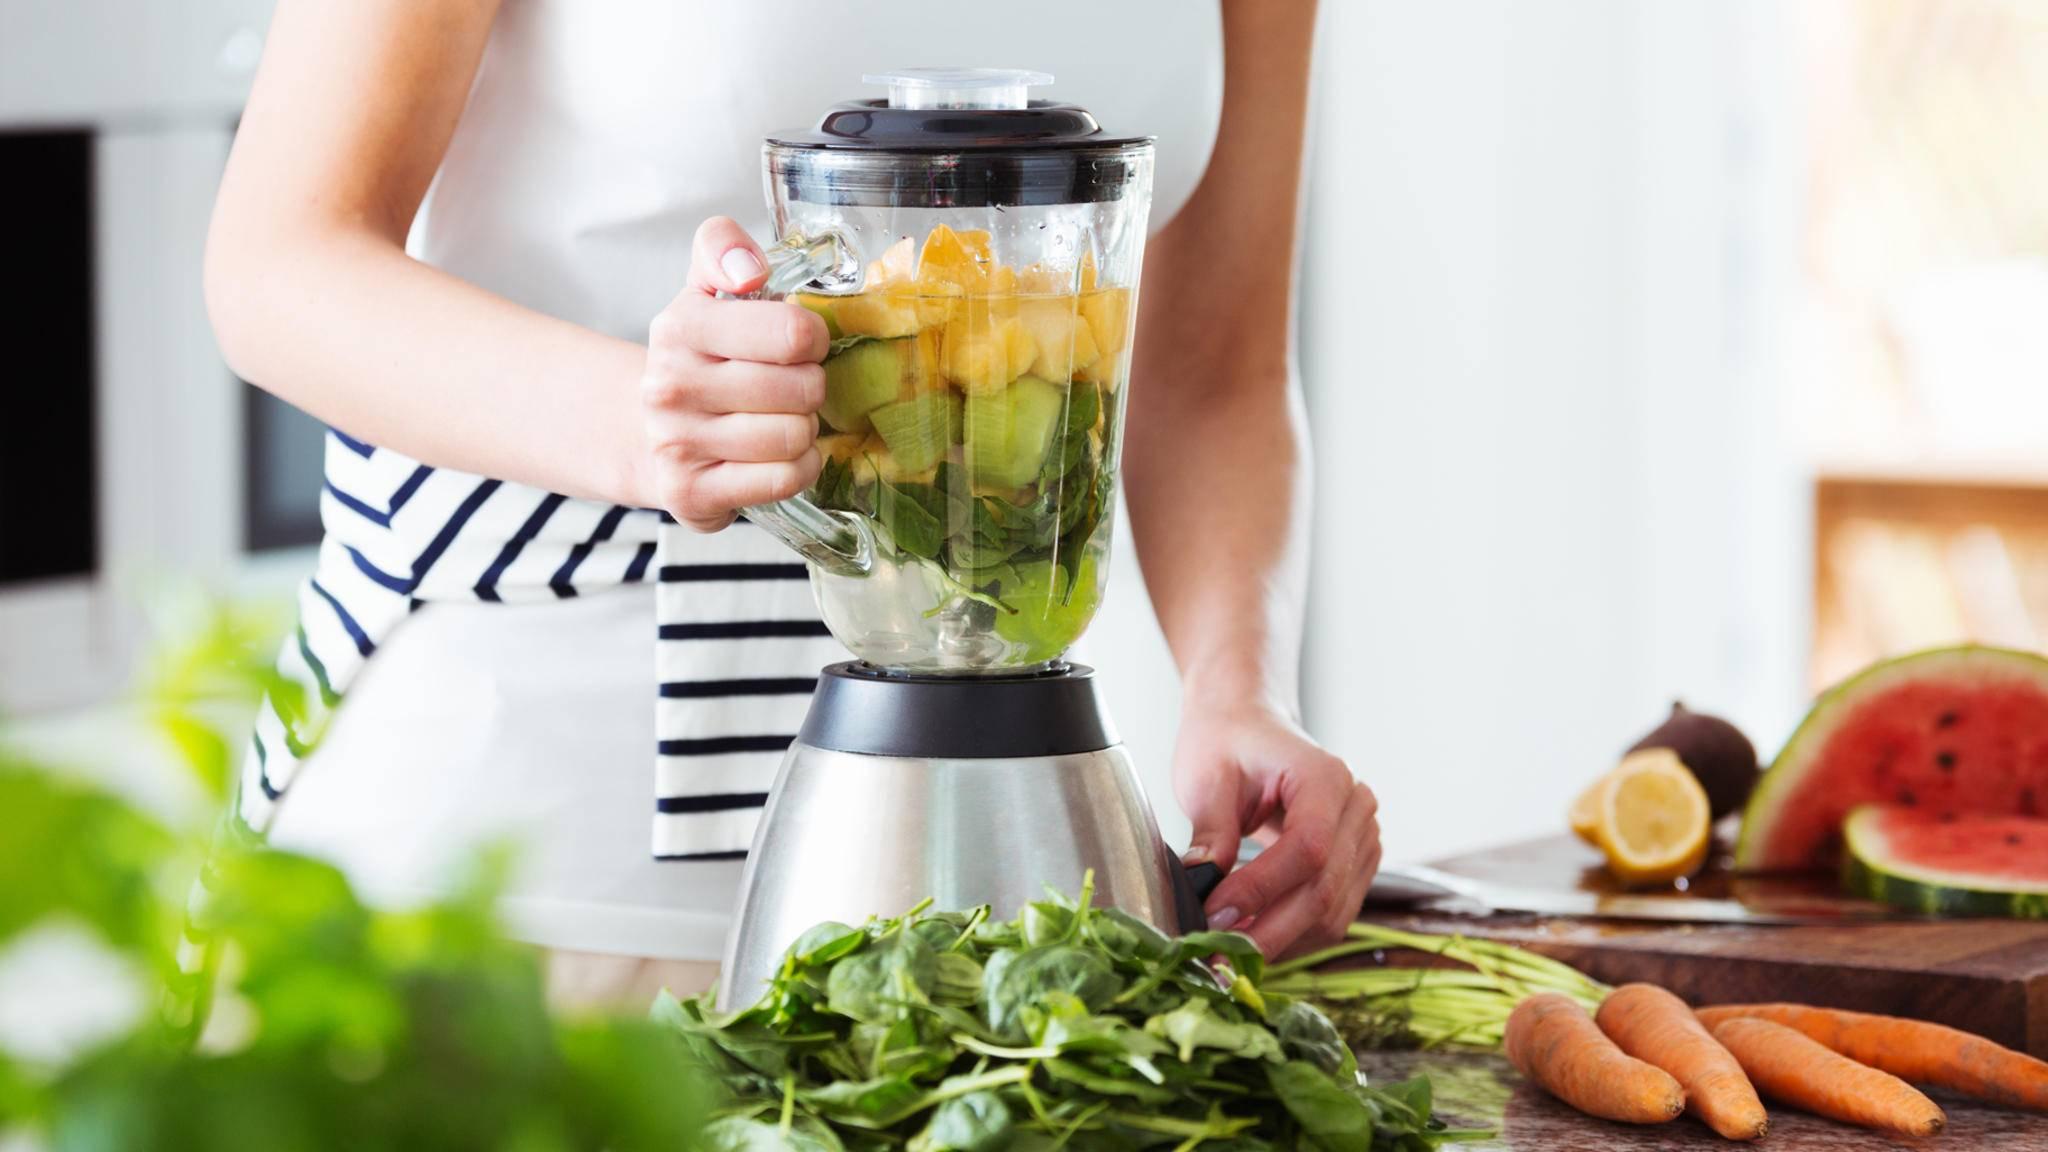 standmixer küche küchenplatte obst gemüse frau